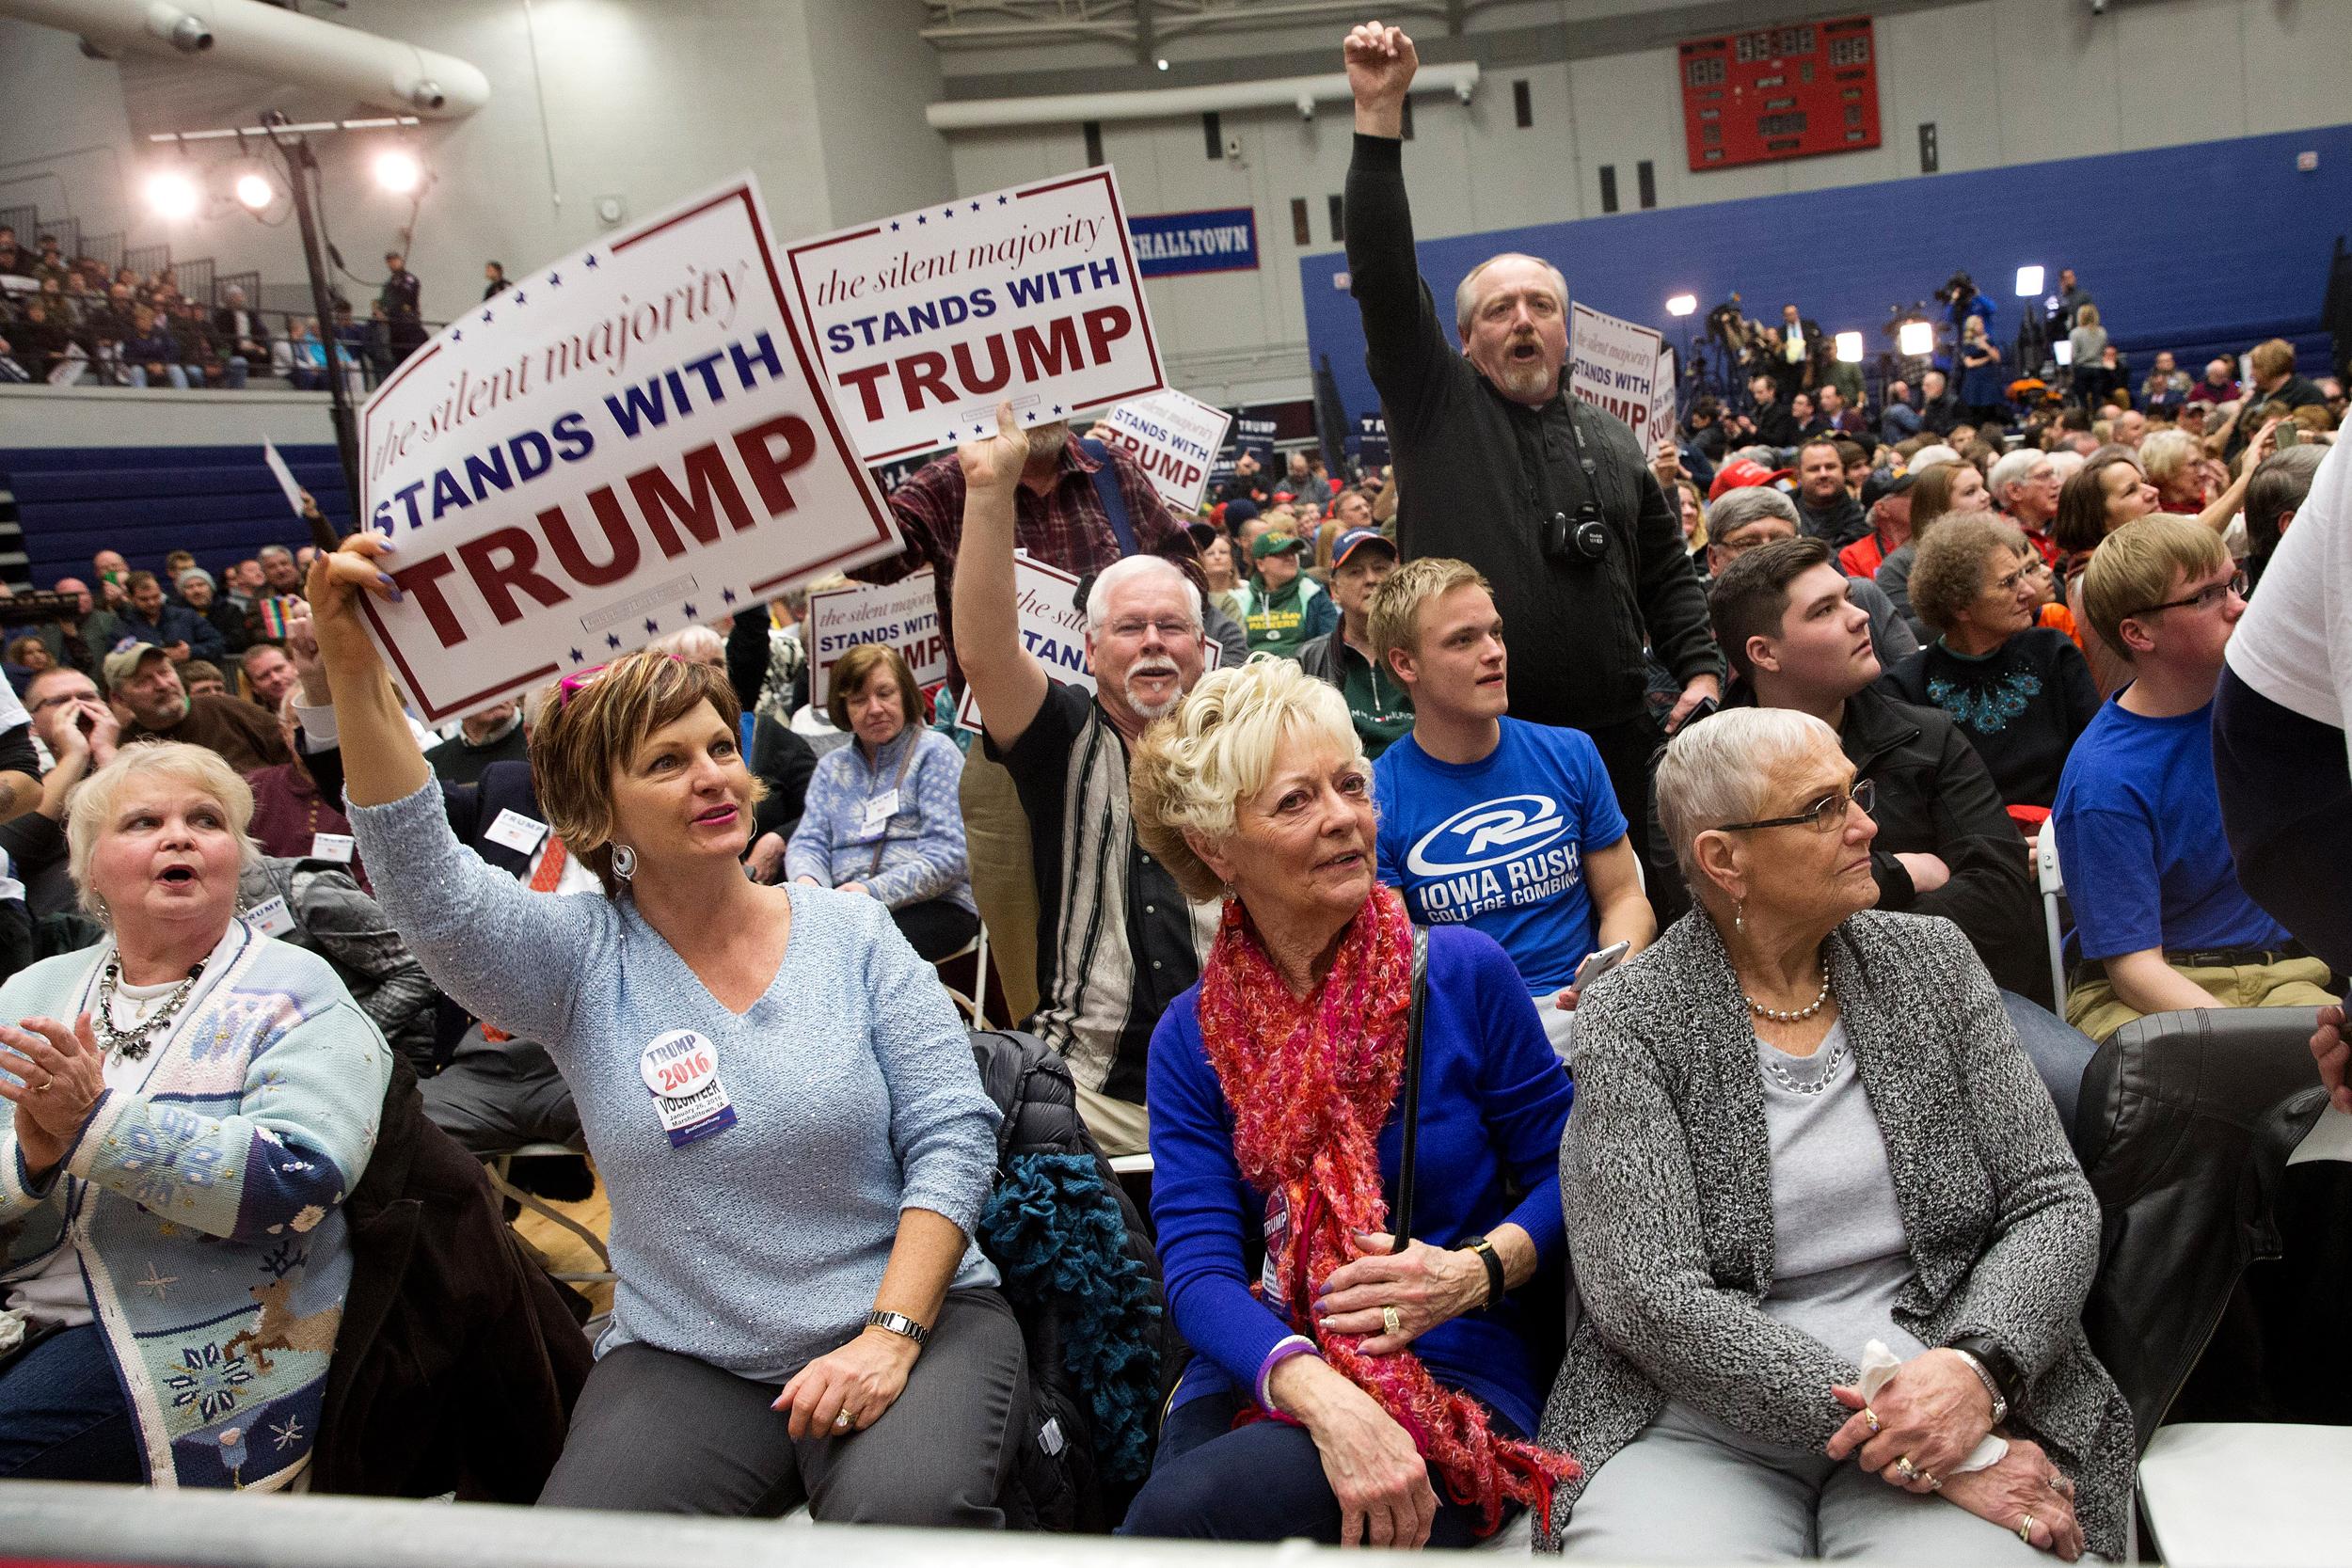 Politics first draft mike huckabee attend donald trump event during news debate